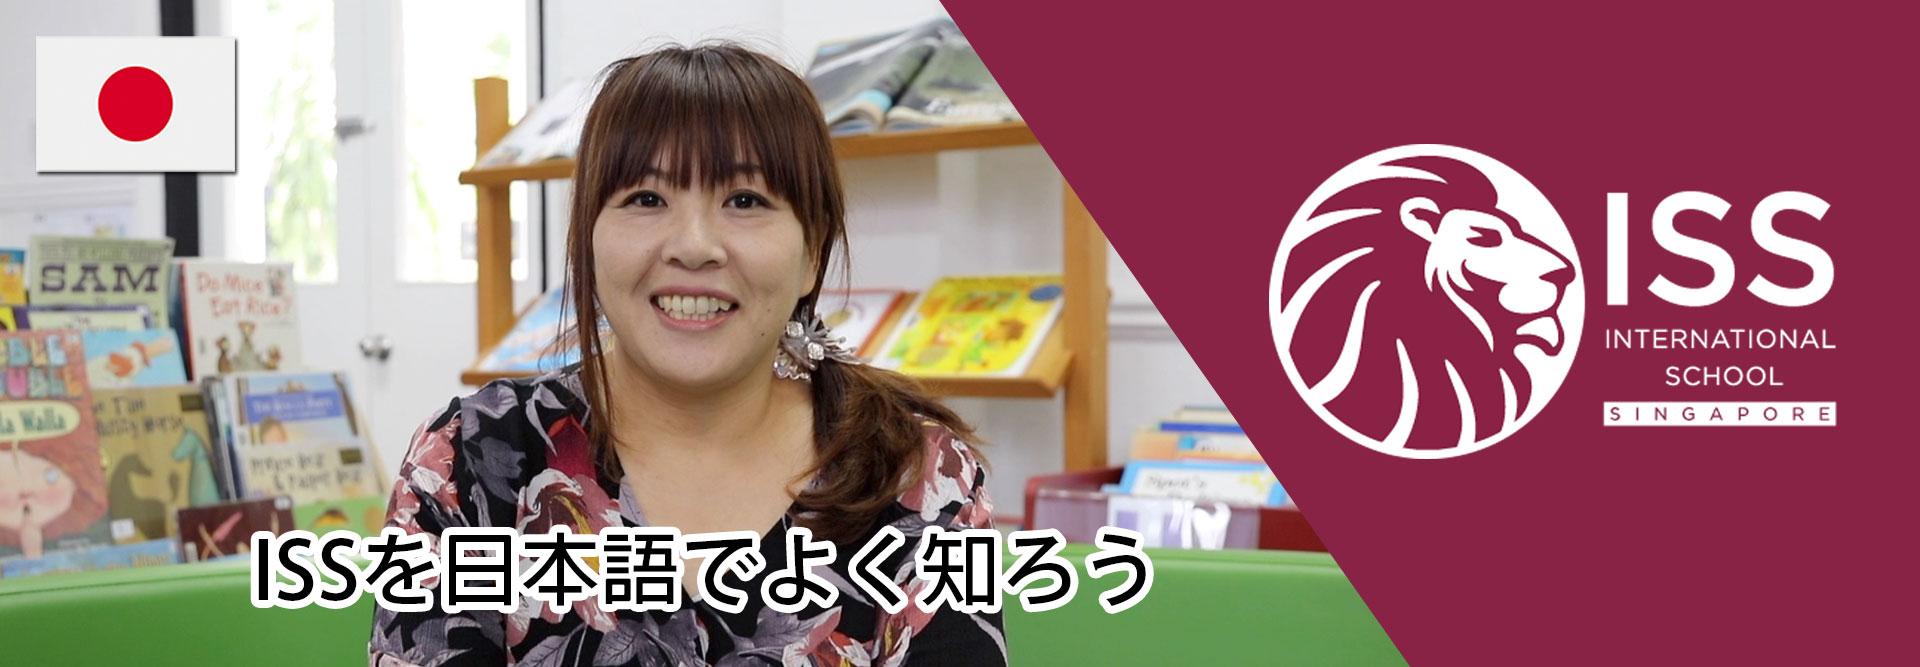 yuki-banner